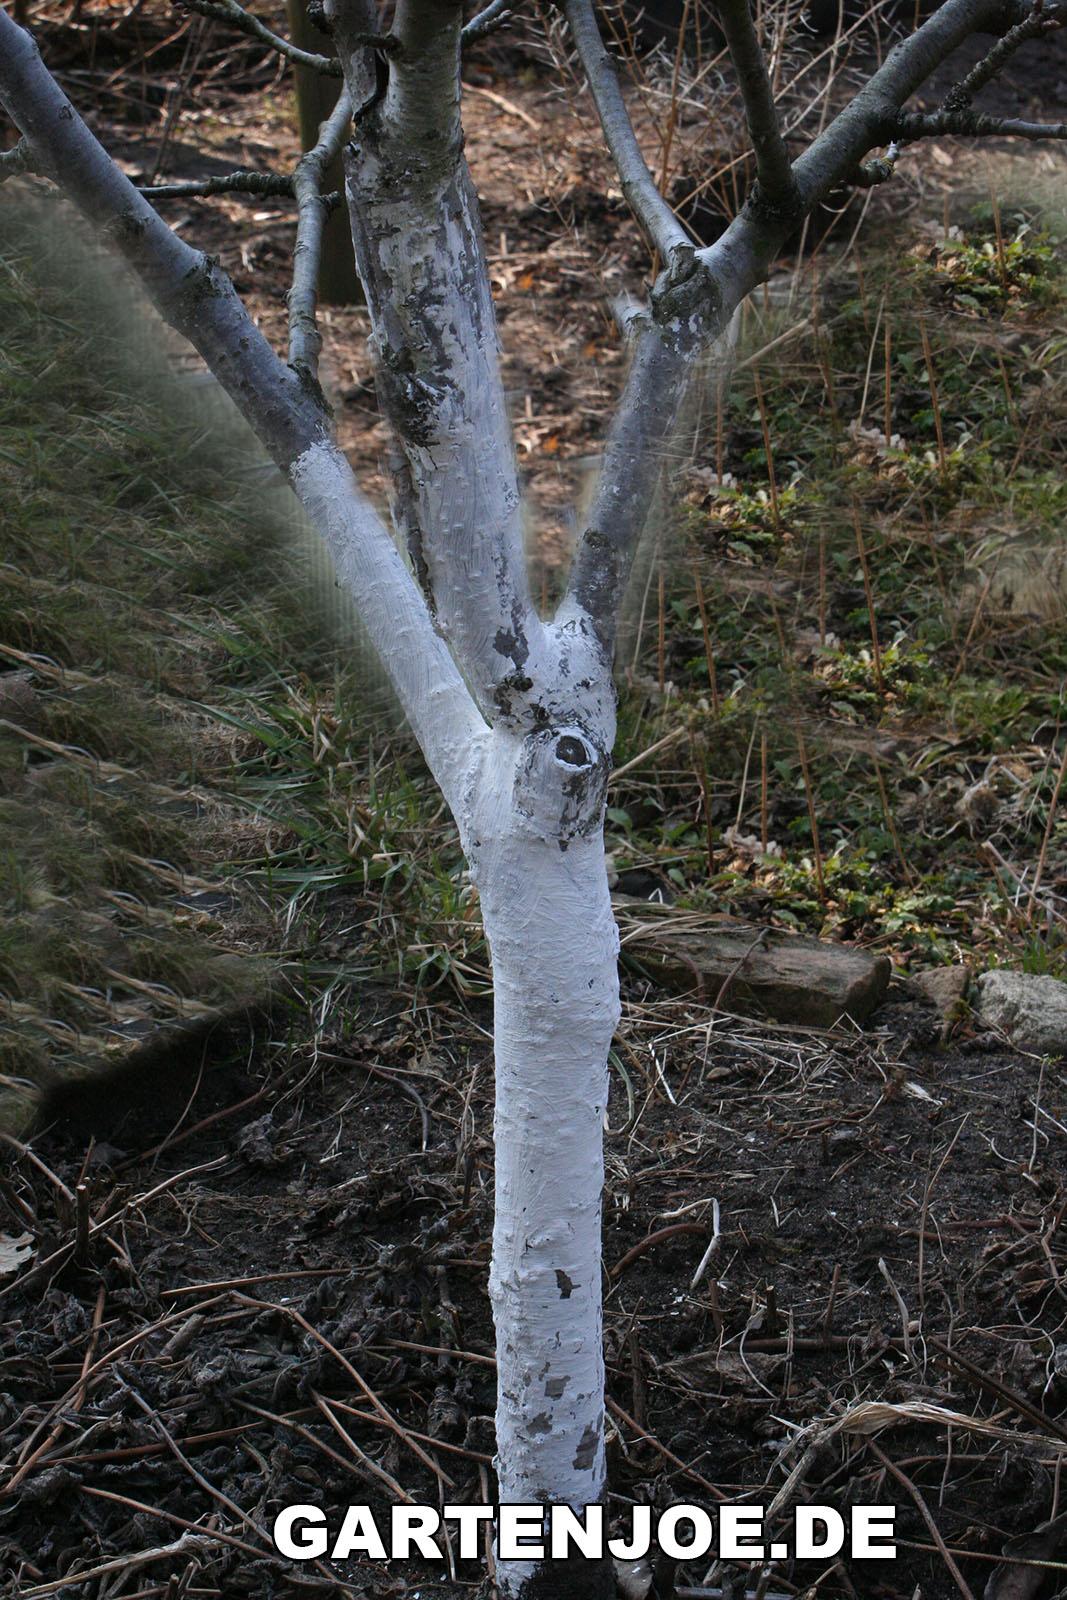 Obstbaume Mit Kalkfarbe Streichen Gartenratgeber Kostenlos